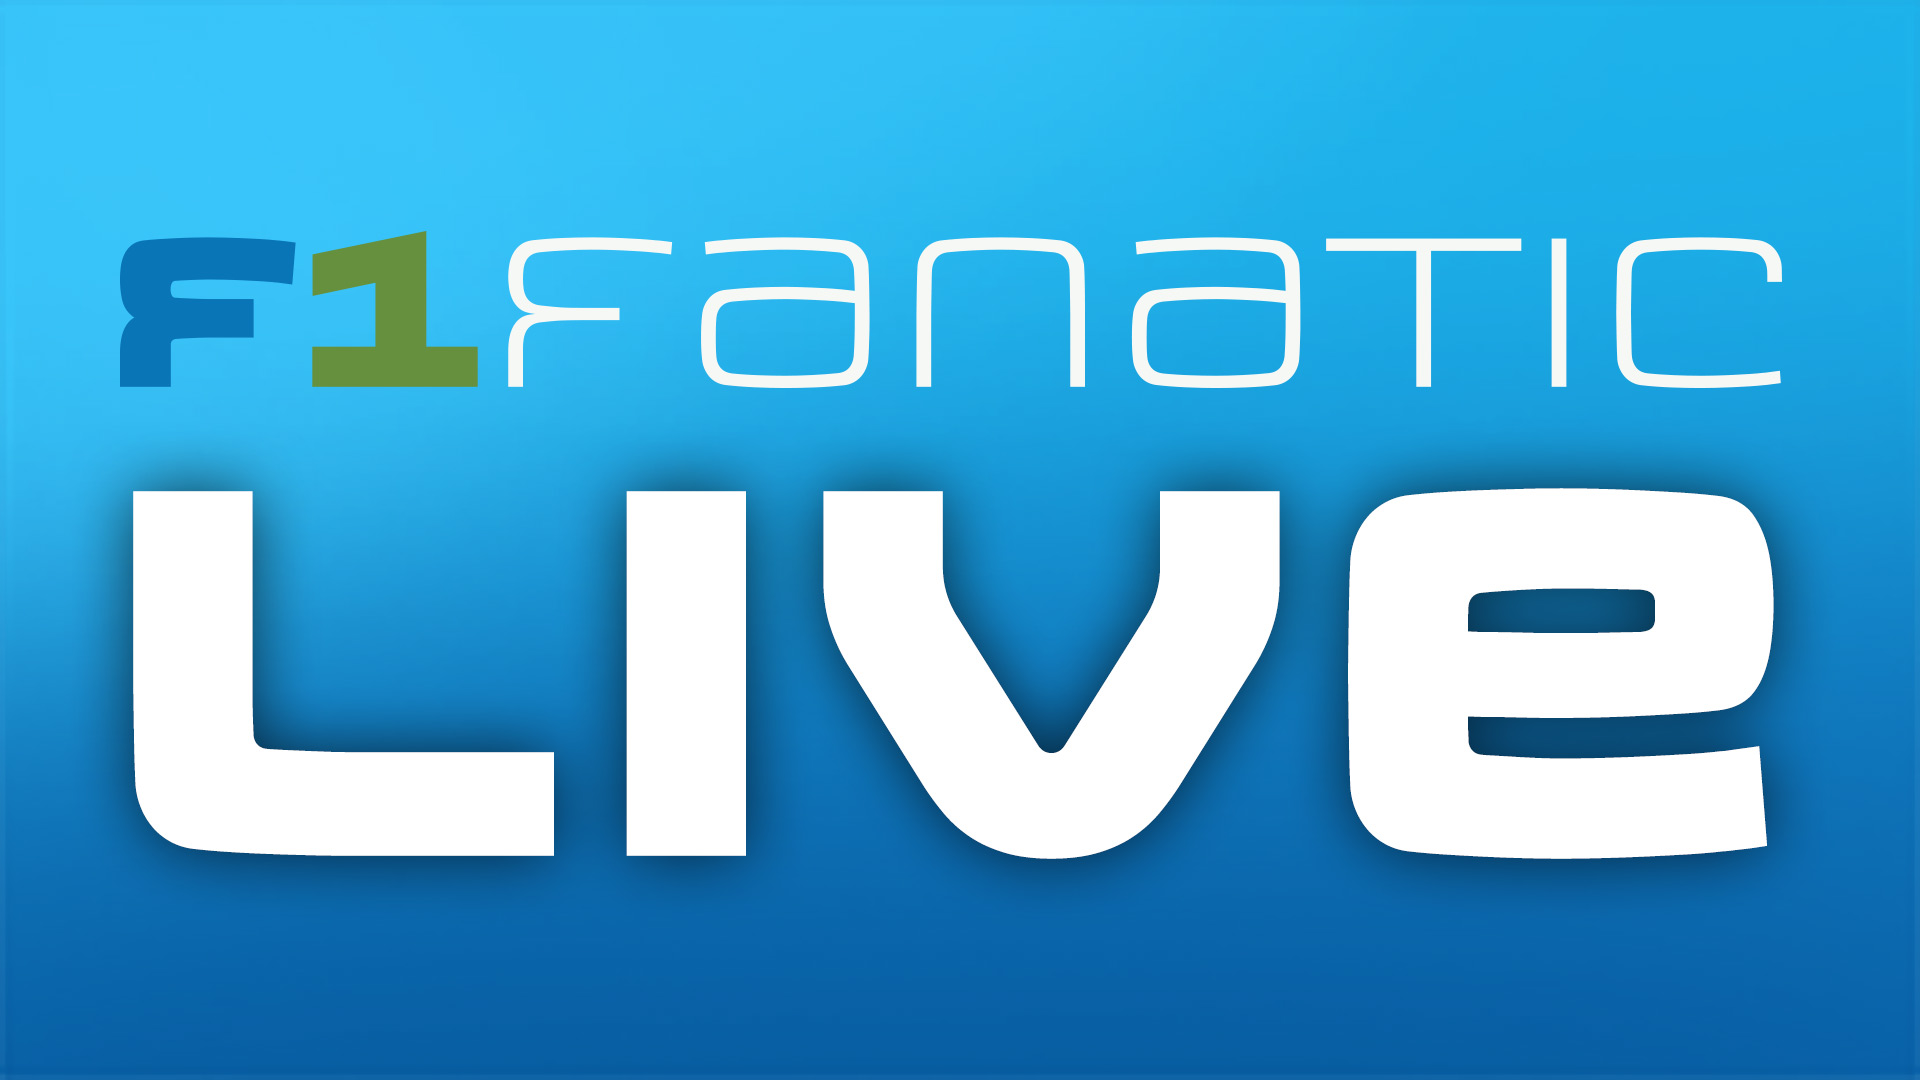 F1 Fanatic Live